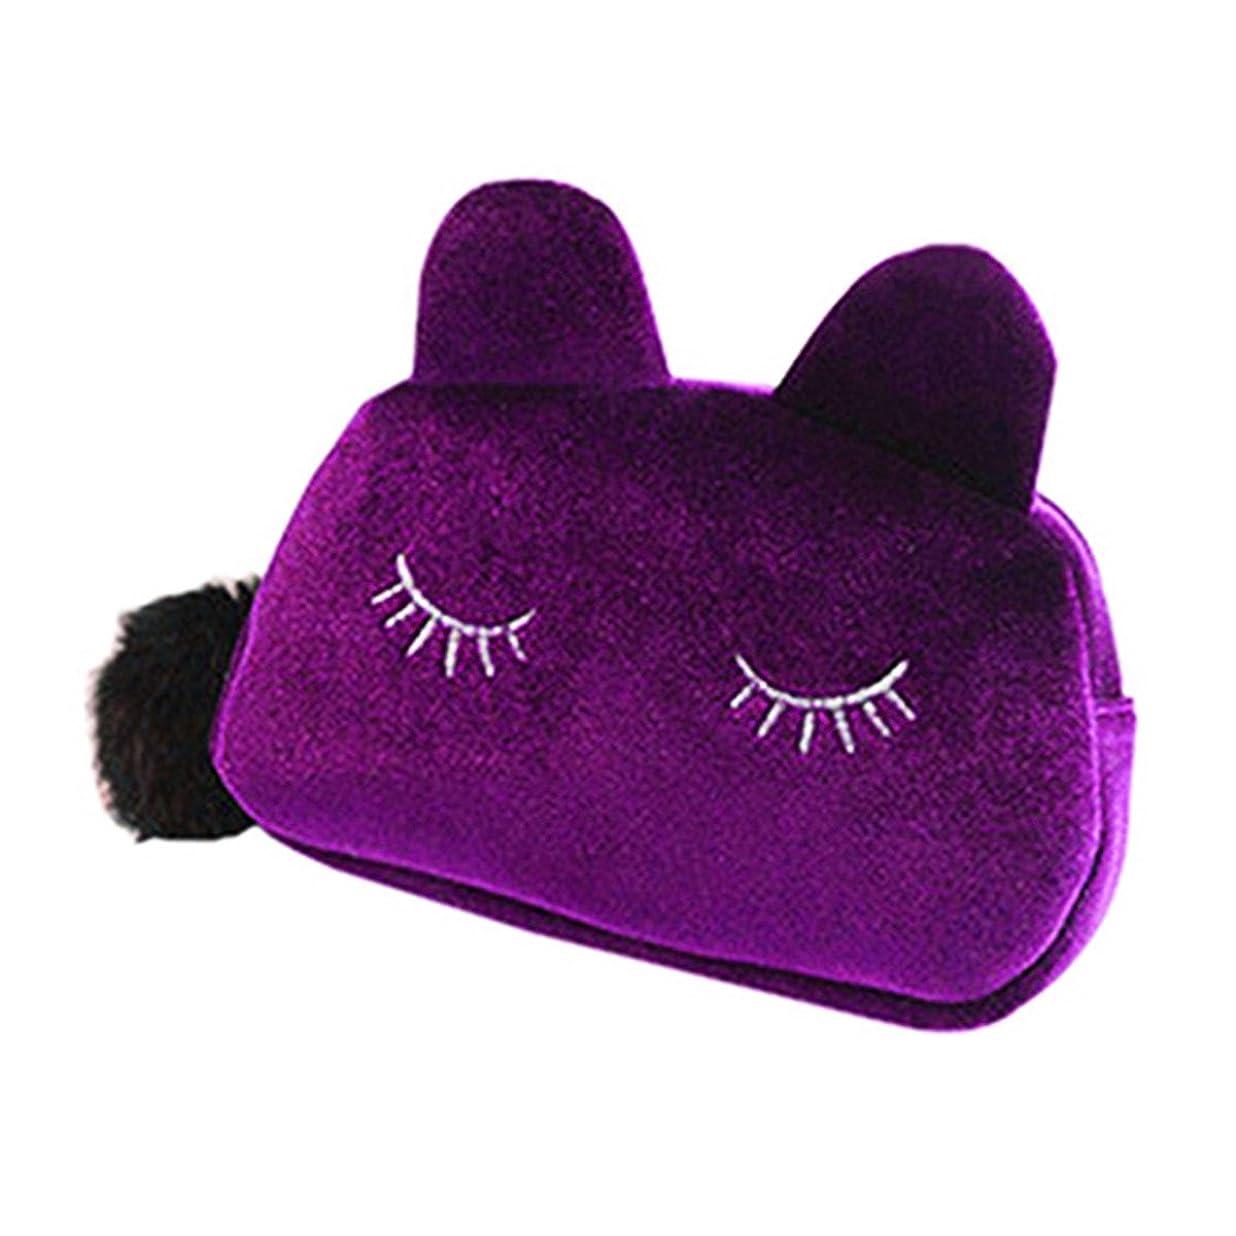 春キュービック洗う猫 化粧ポーチ バニティベロア ポンポン付き パープル